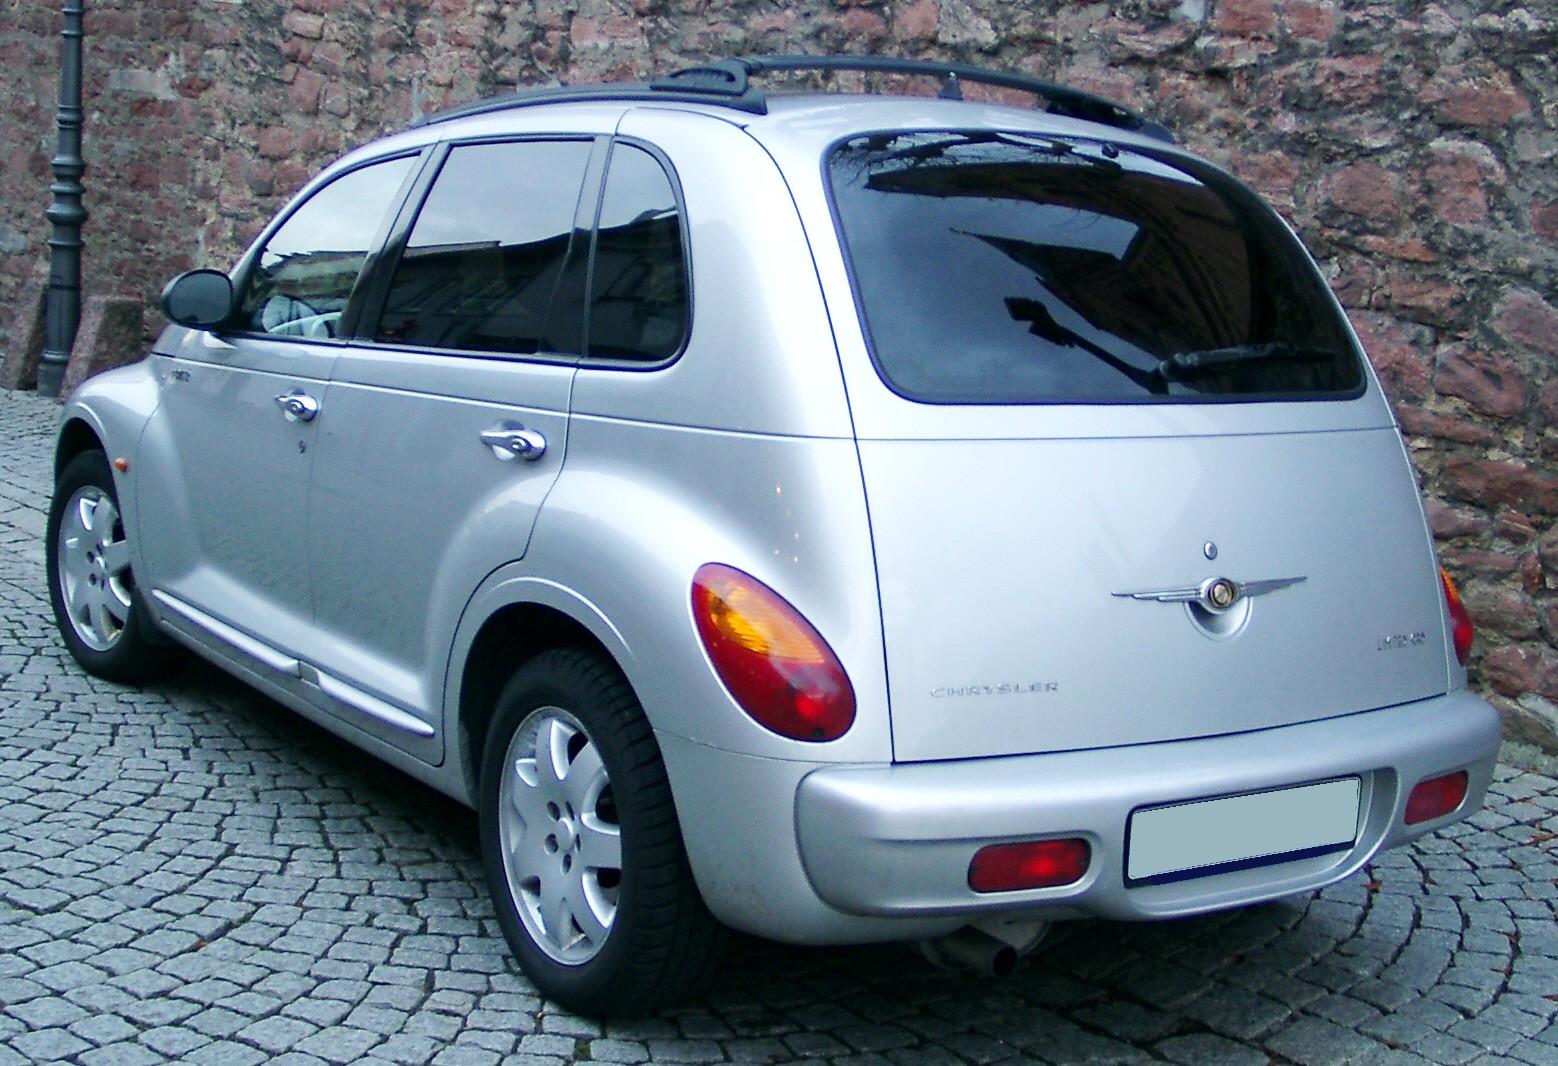 File:Chrysler PT Cruiser rear 20071211.jpg - Wikipedia